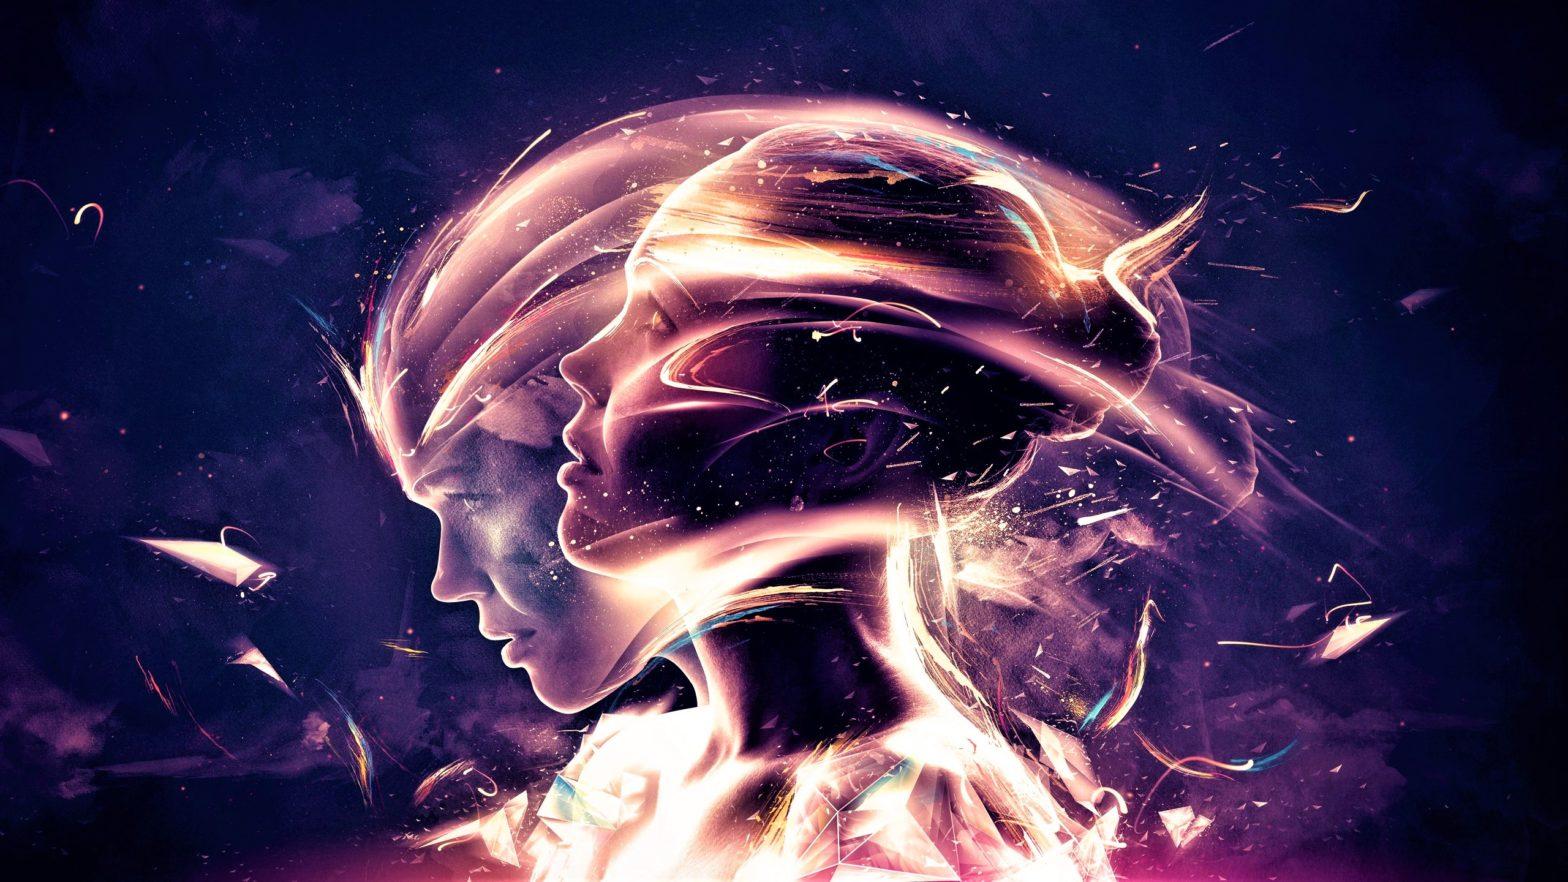 Эриксоновский гипноз: какие проблемы решает?